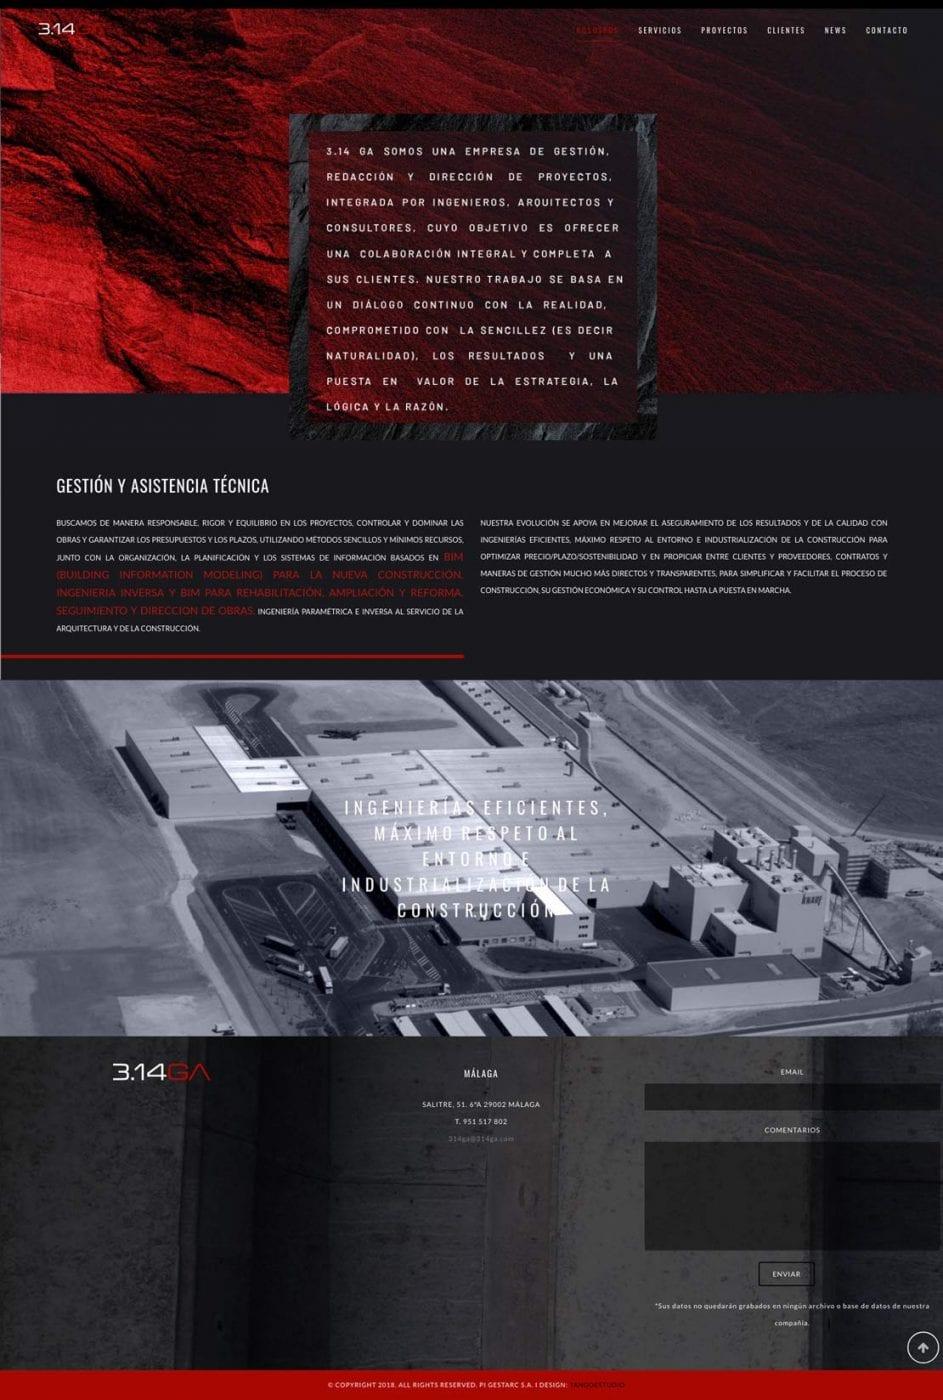 programacion de web original y elegante